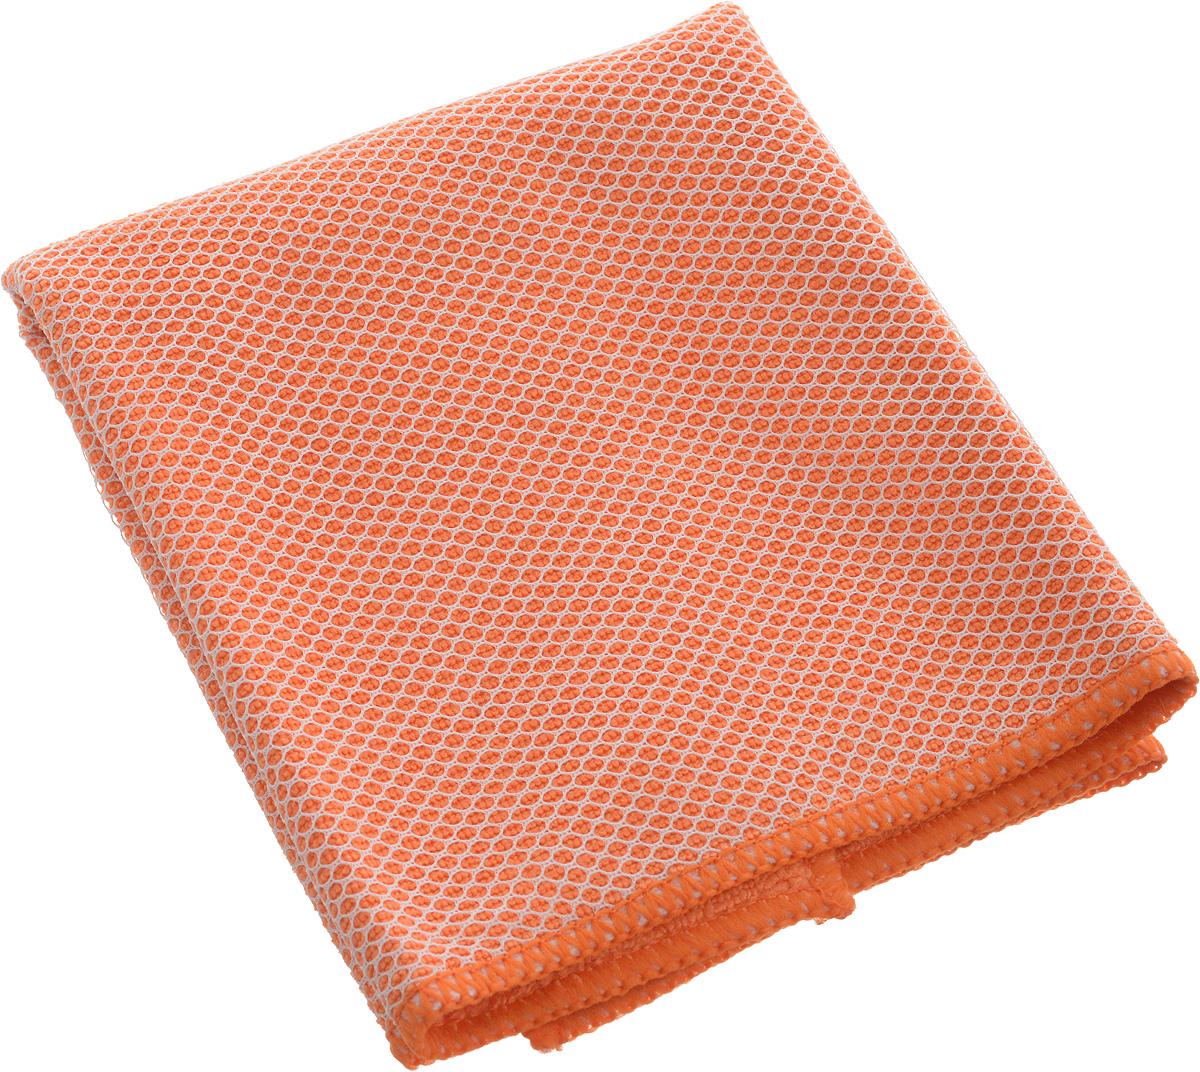 Салфетка Airline, цвет: оранжевый, 35 х 40 смAB-A-04Салфетка из микрофибрового материала имеет мягкую поверхность, которая с особой деликатностью устраняет загрязнения с поверхностей, делая уборку еще более быстрой и комфортной. Состав: 20% полиамид, 80% полиэстер.